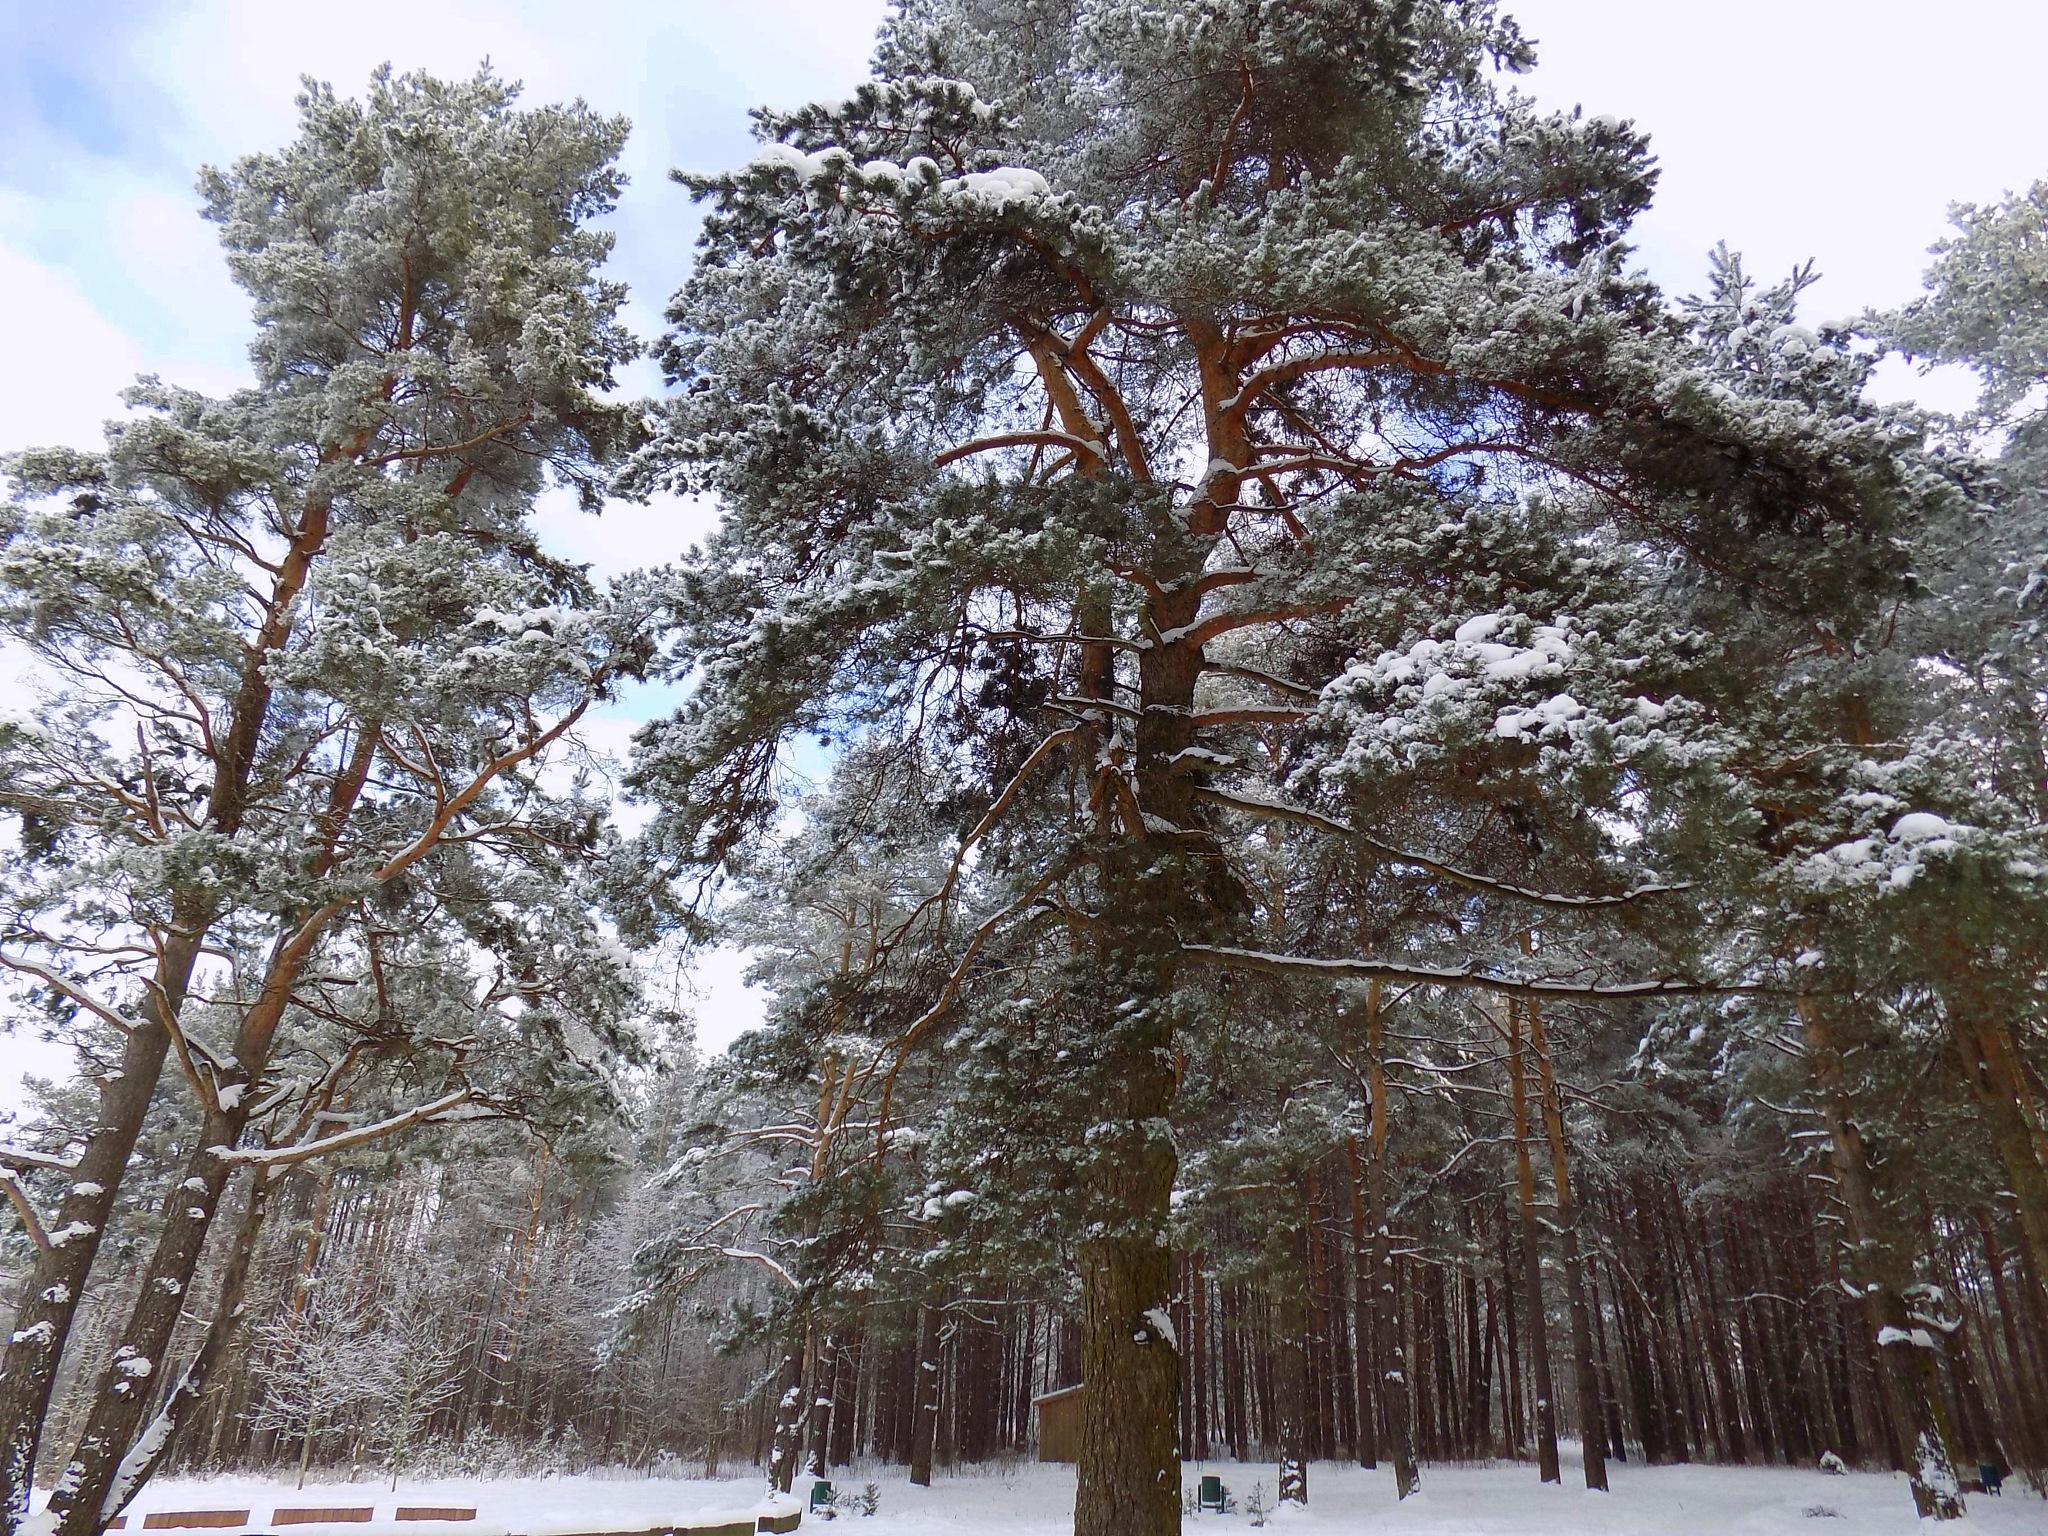 Trees in winter by uzkuraitiene62